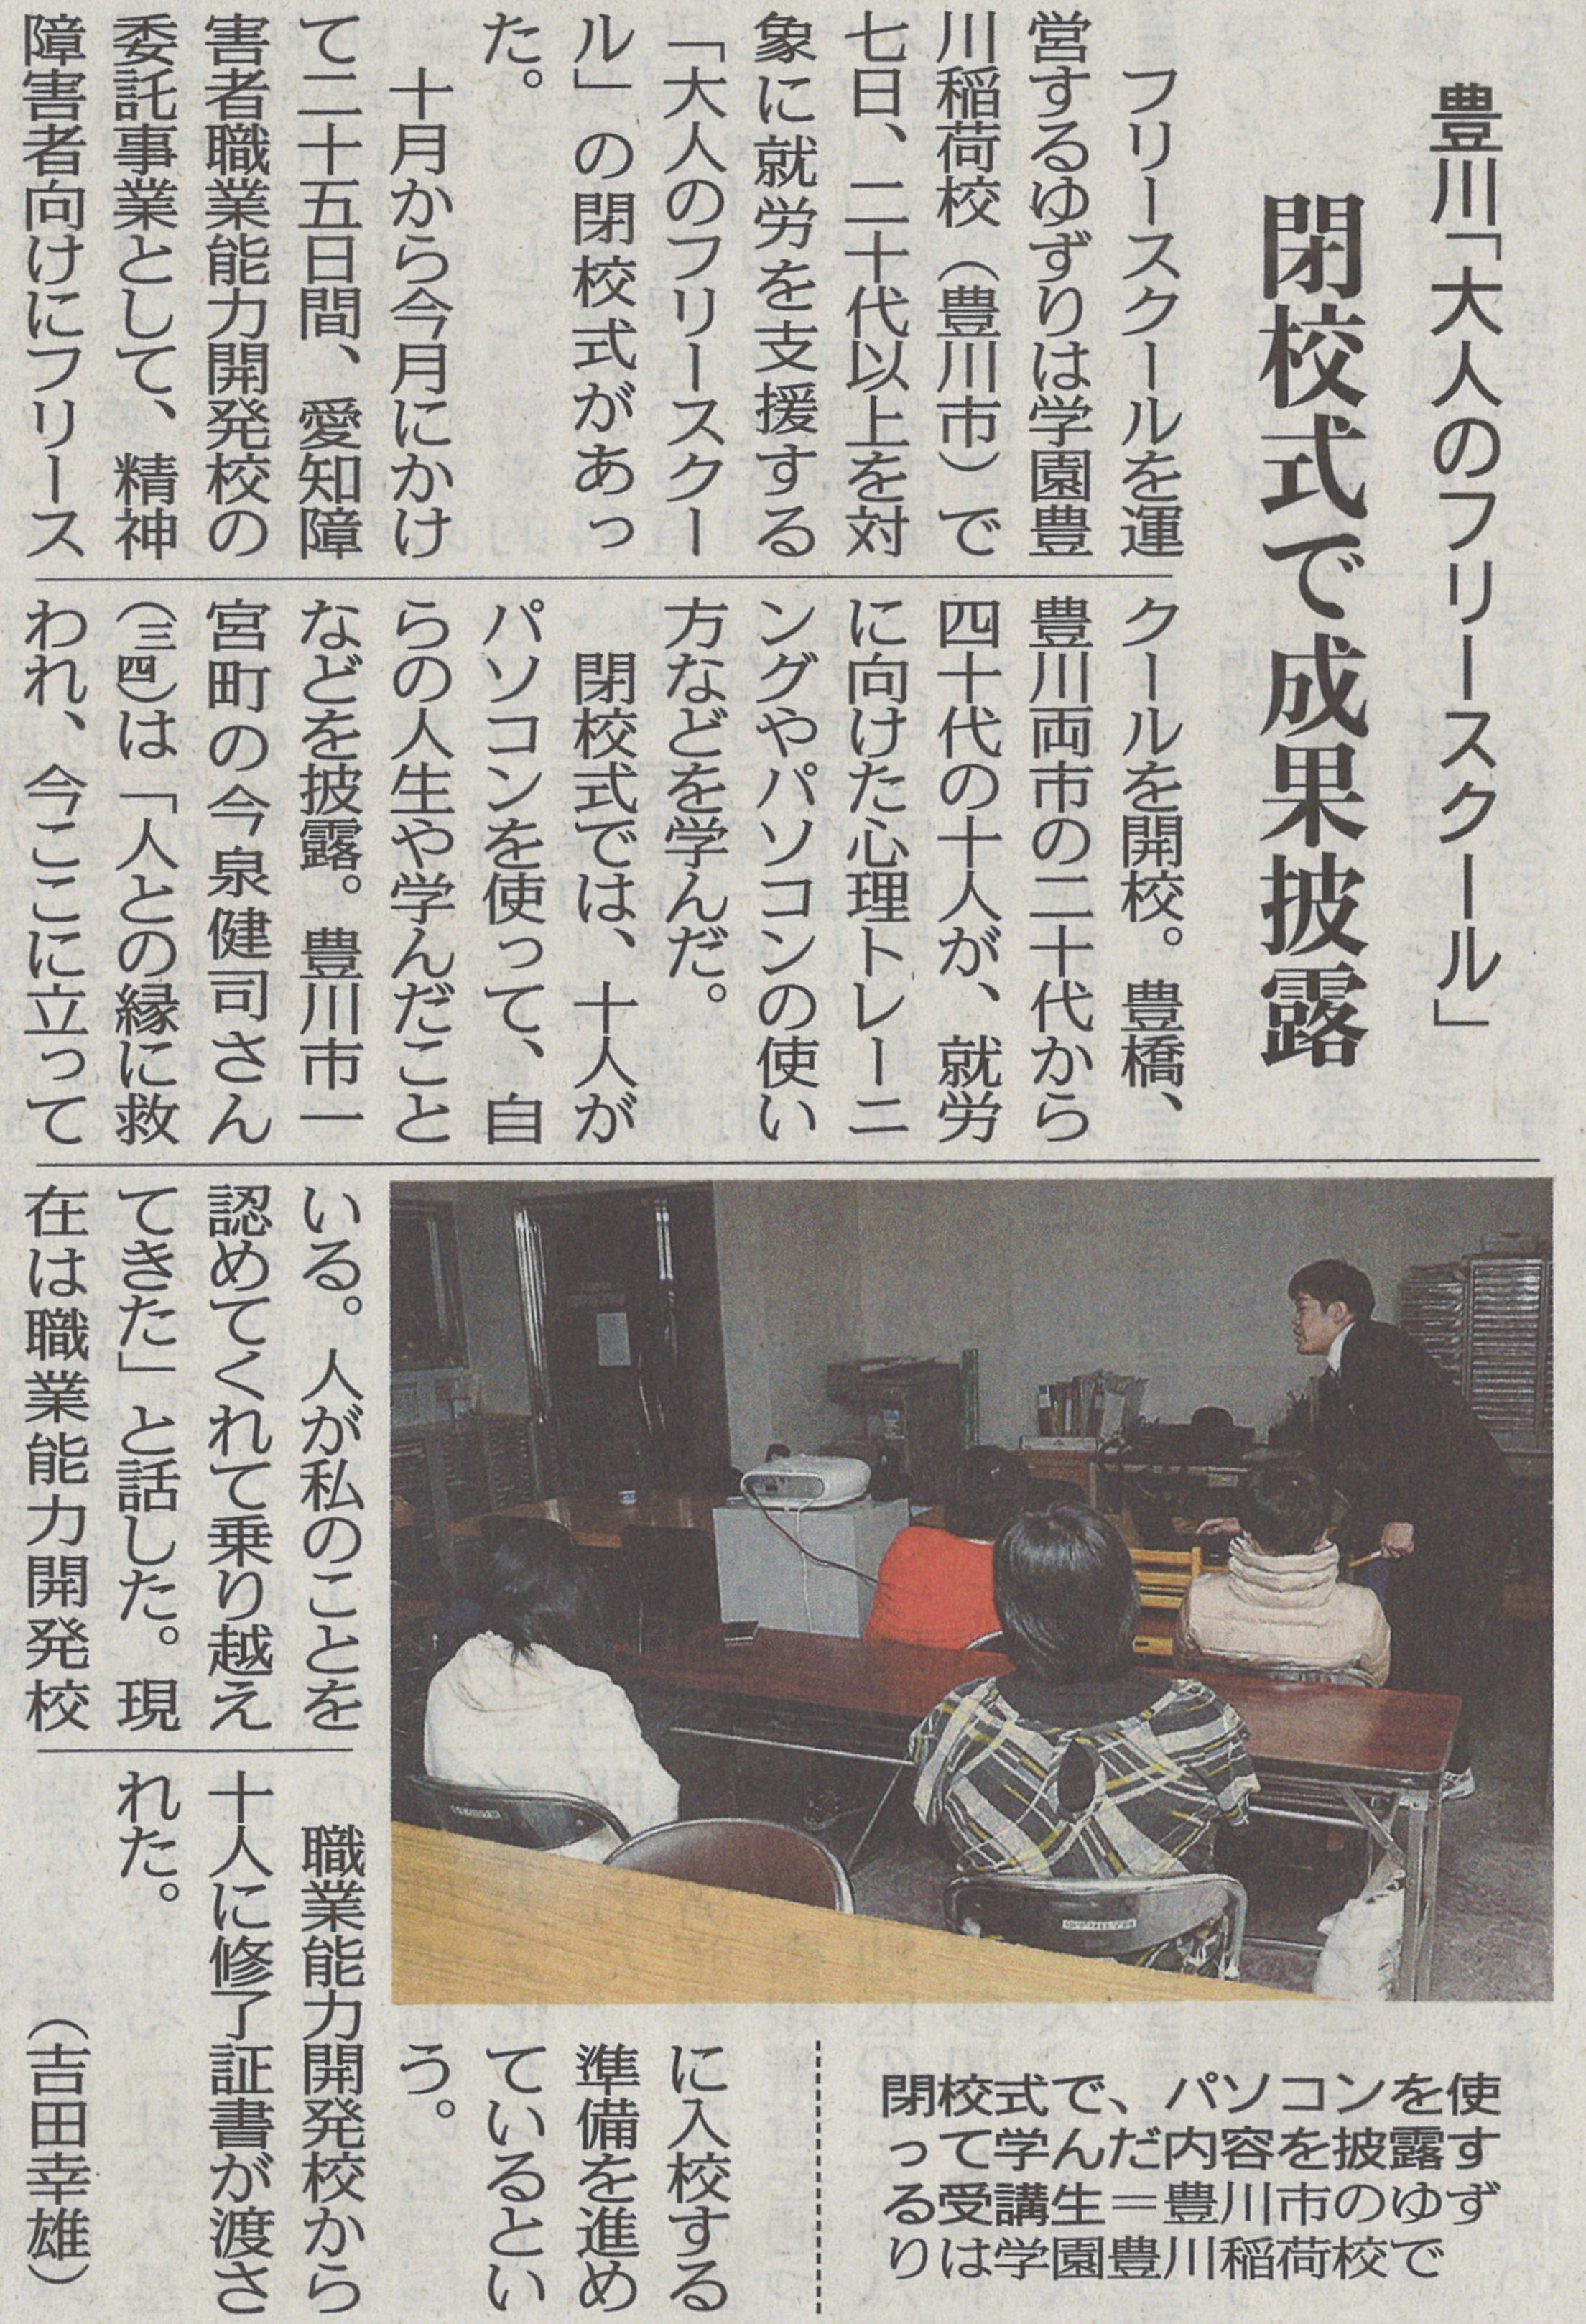 024_豊川「大人のフリースクール」成果披露(中日新聞)20151208